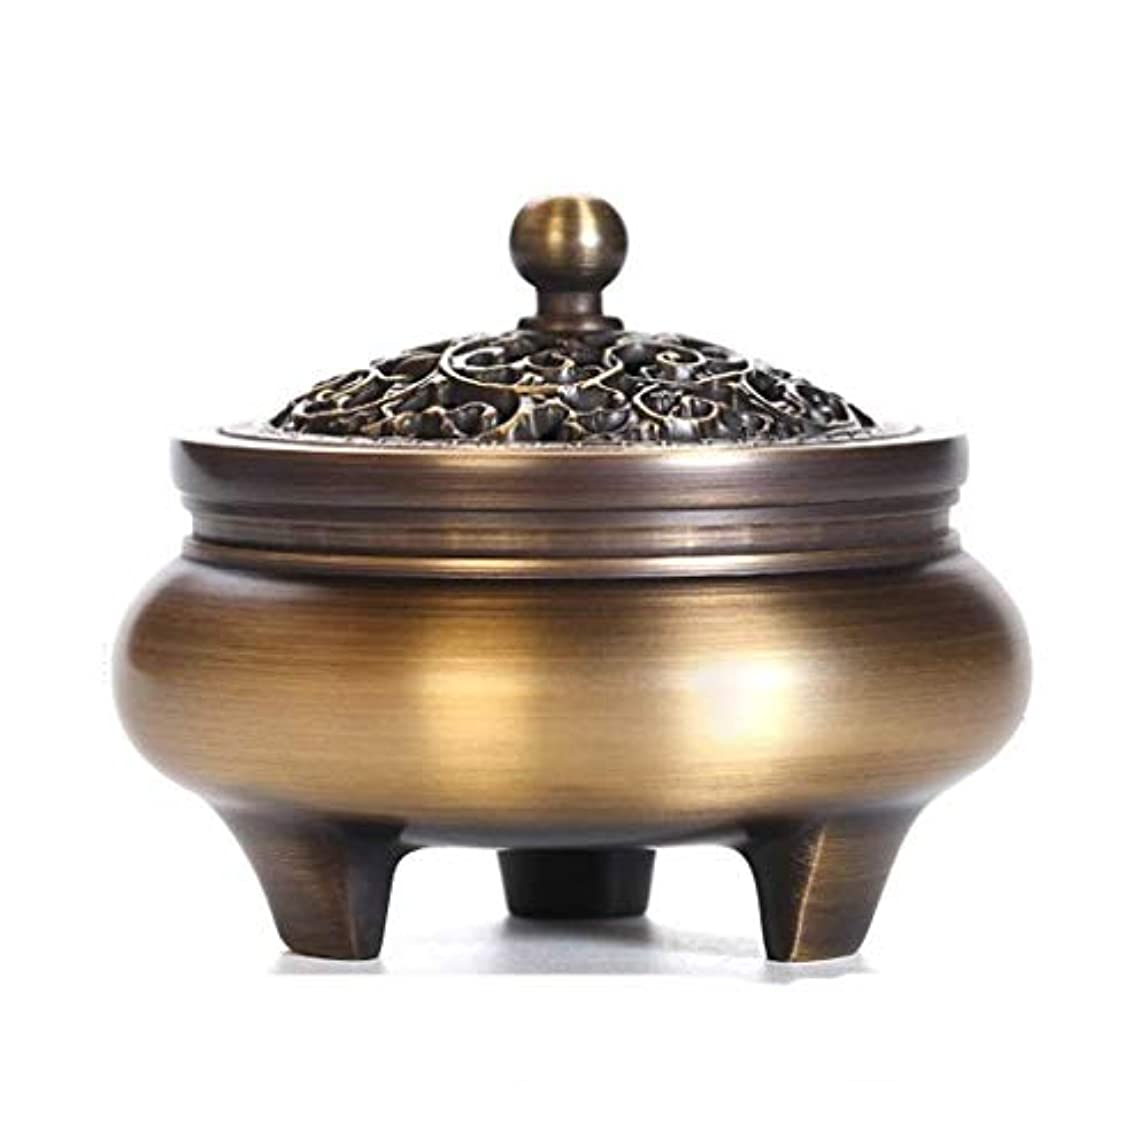 大使あたたかい間違い芳香器?アロマバーナー 純粋な銅三脚家庭用香炉プロセス香バーナーホーム屋内アロマセラピー炉の装飾 芳香器?アロマバーナー (Color : Brass)